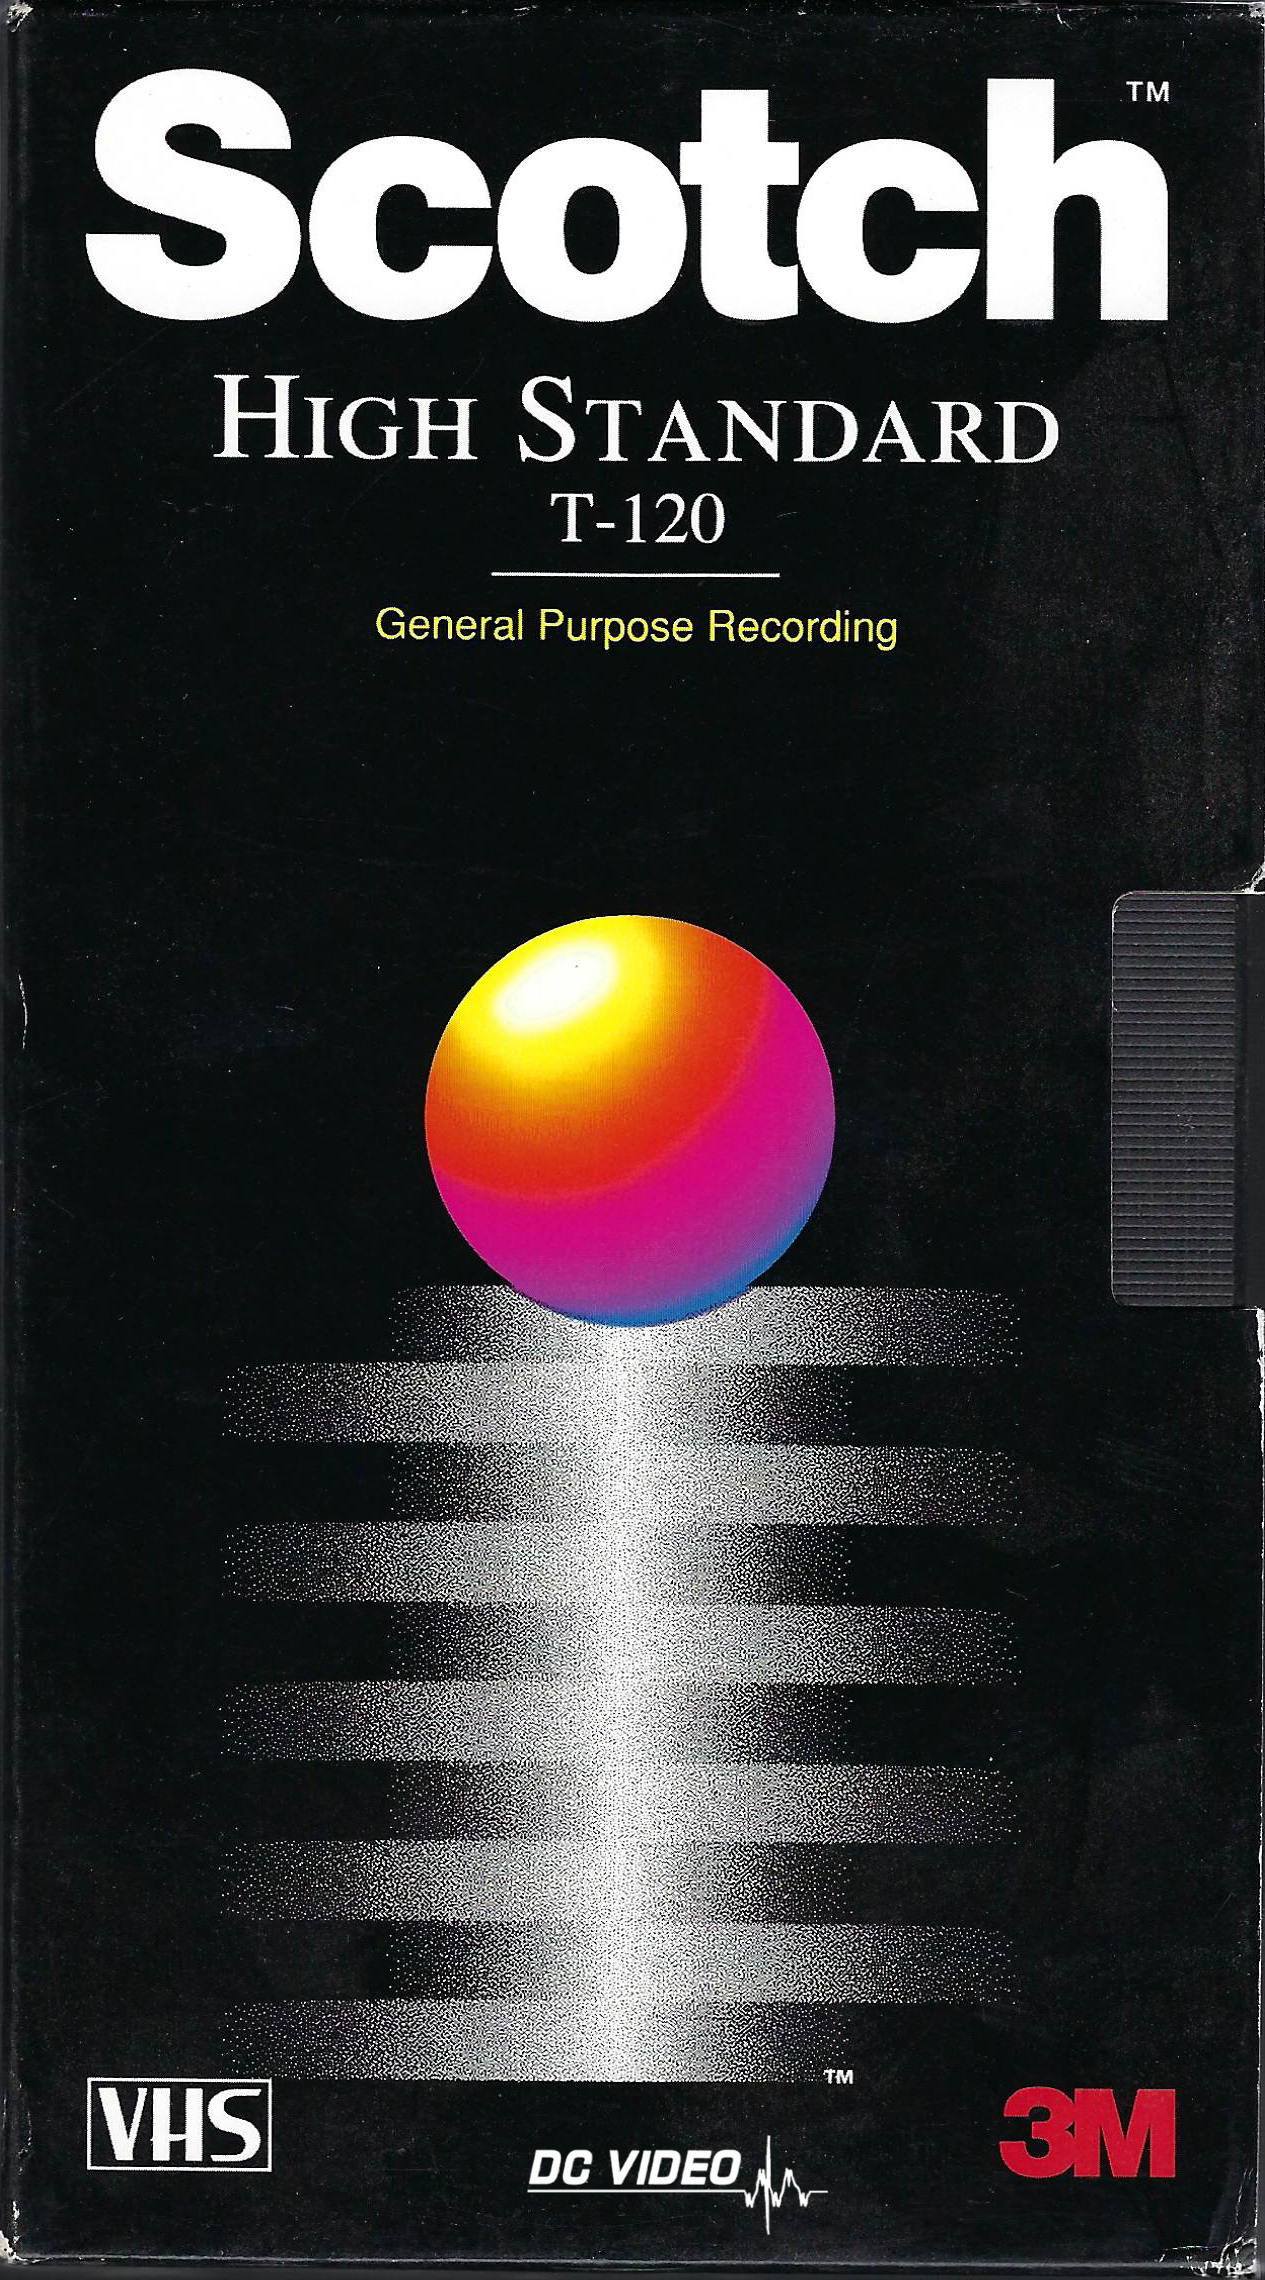 Scotch High Standard VHS